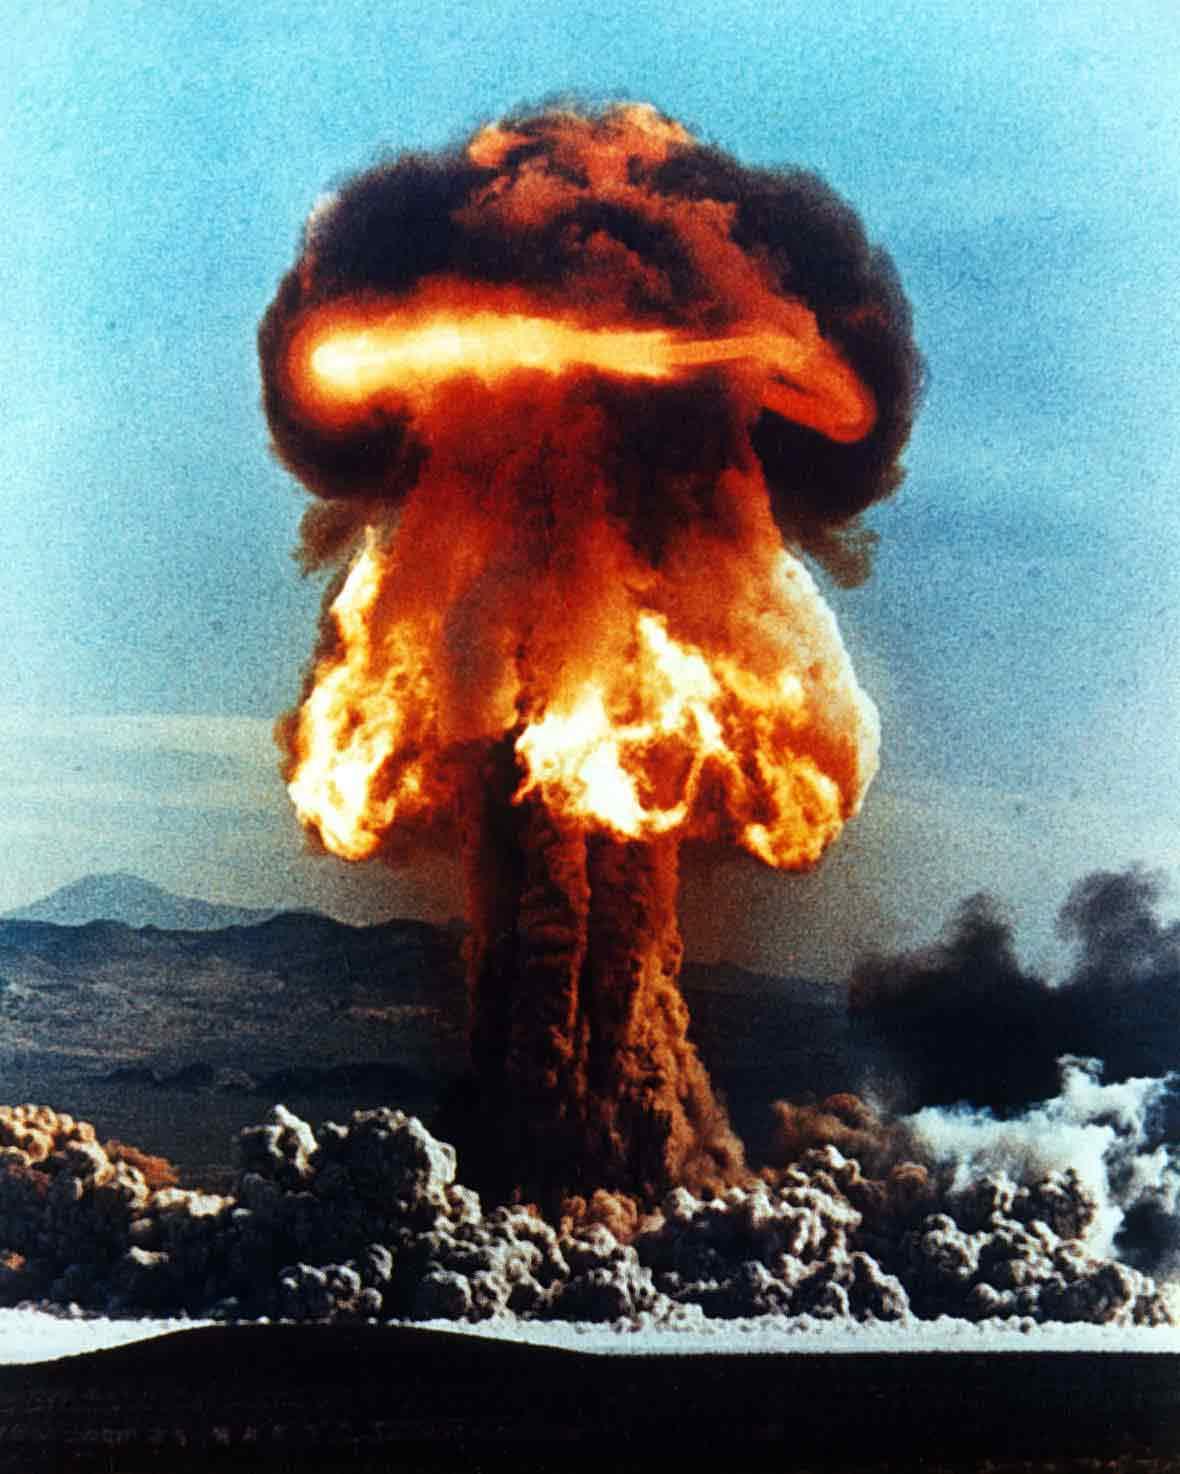 http://1.bp.blogspot.com/-jBB9NKZUYWA/TcgQ4As2R6I/AAAAAAAAA7g/aLjIoEi-0Iw/s1600/nuclear-explosion.jpg